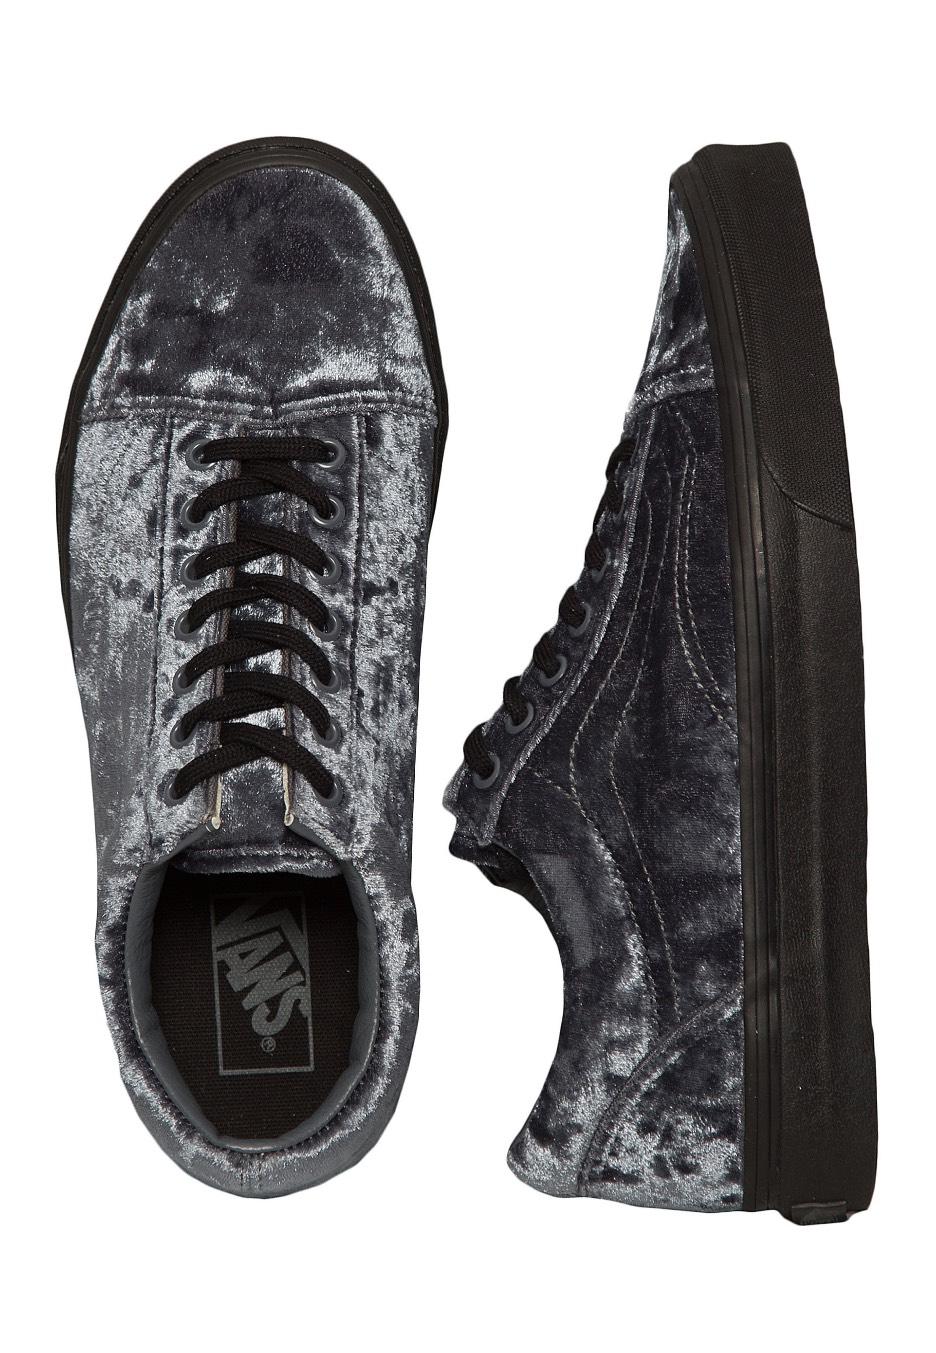 5db7b14d90 Vans - Old Skool Velvet Grey Black - Girl Shoes - Impericon.com UK